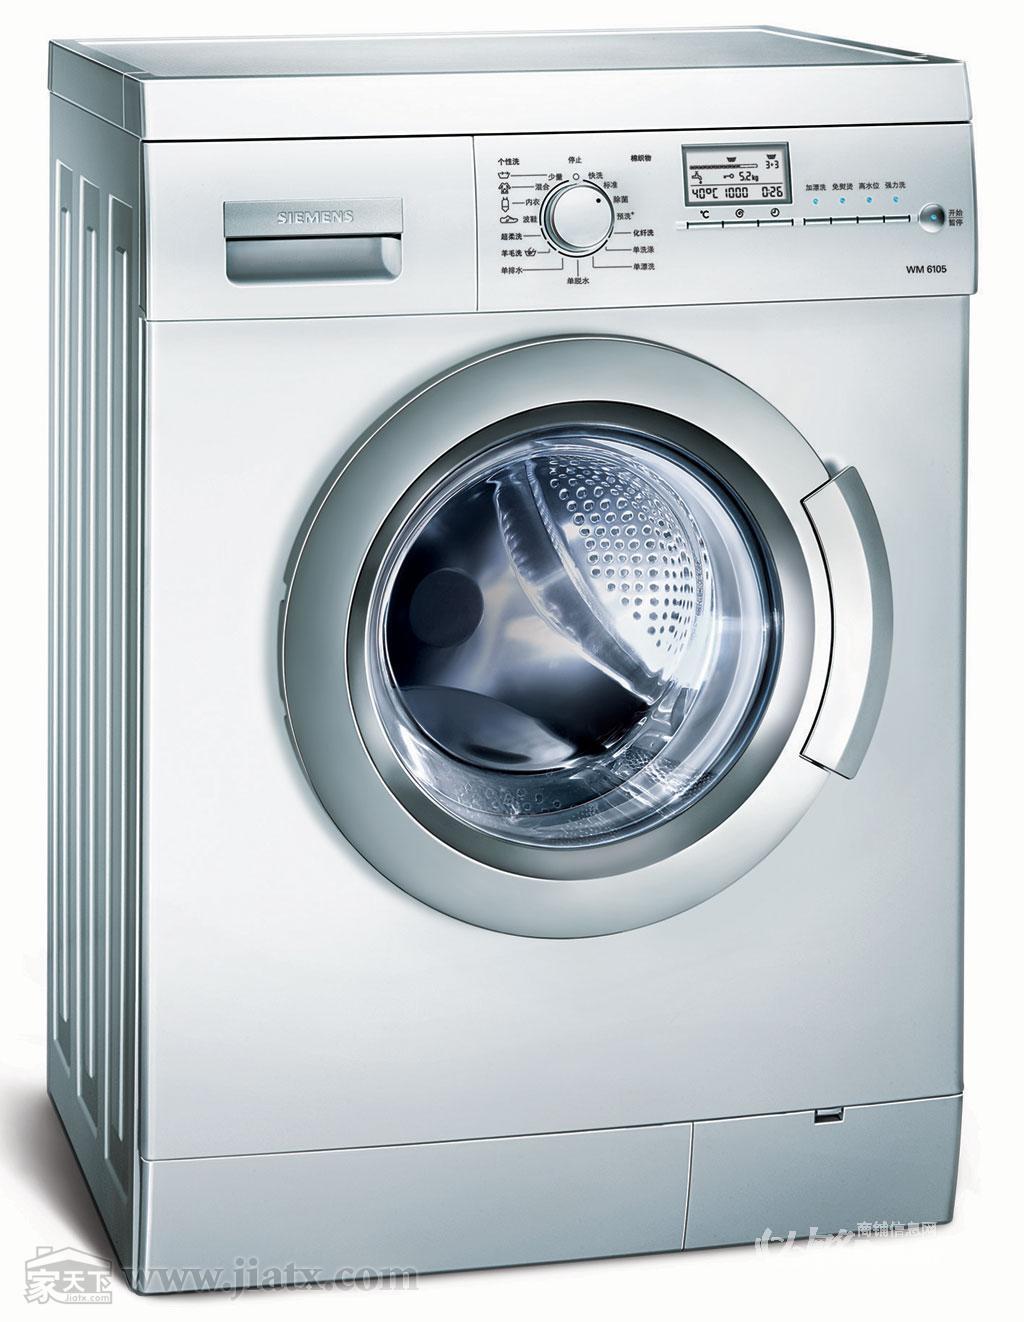 洗衣机_洗衣机供货商_供应长沙水仙洗衣机维修电话